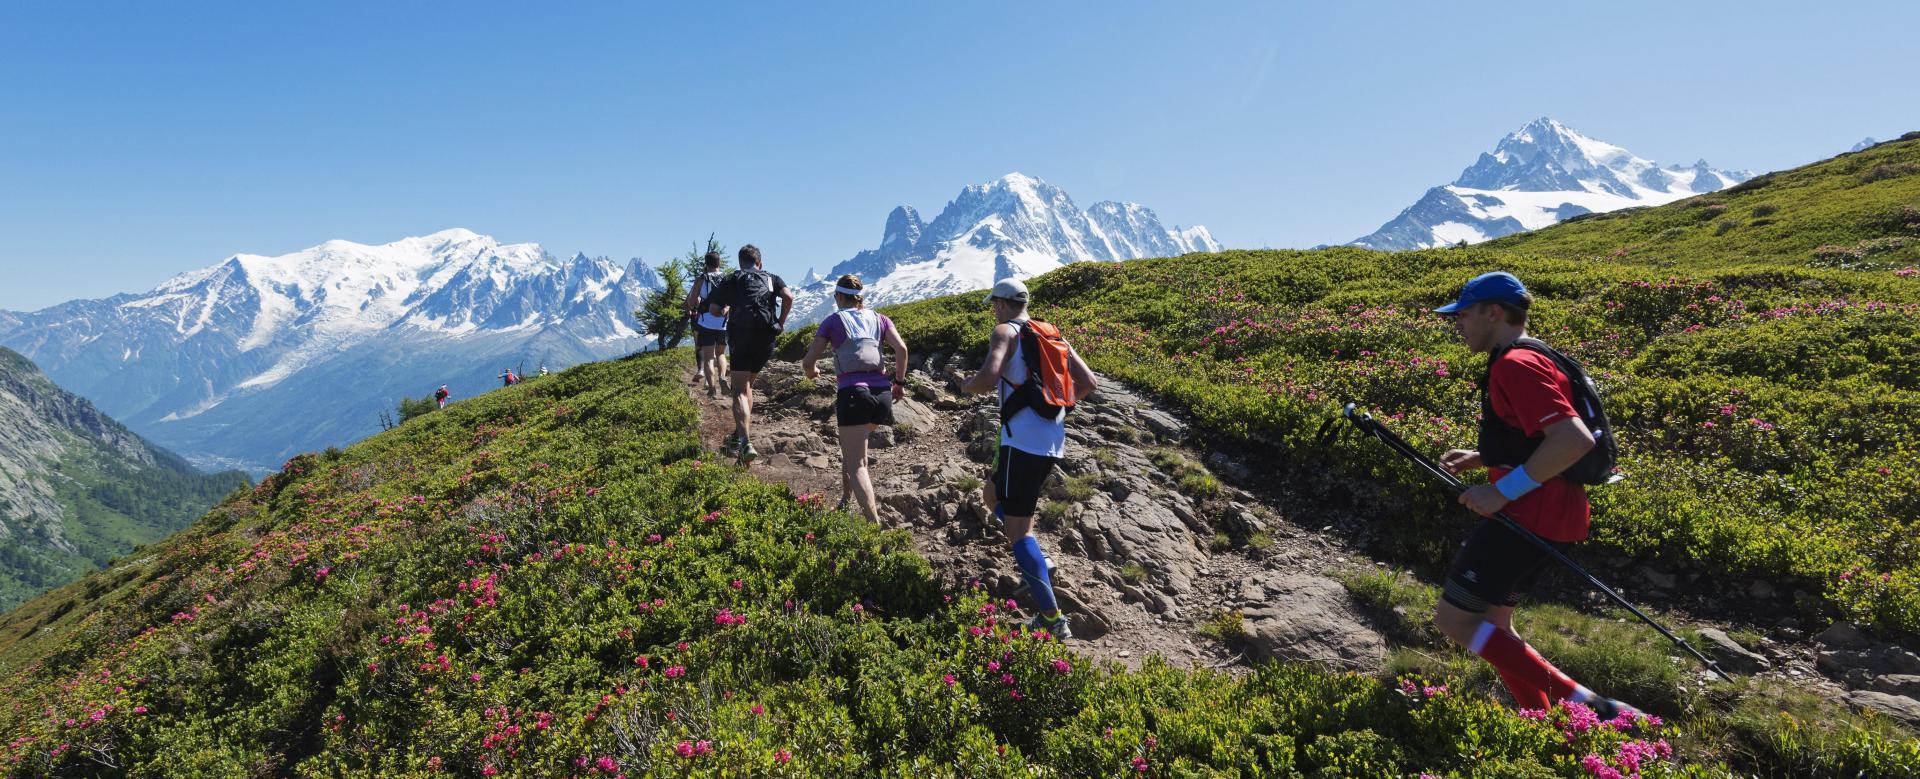 Voyage à pied : Le trail du mont-blanc avec julien chorier